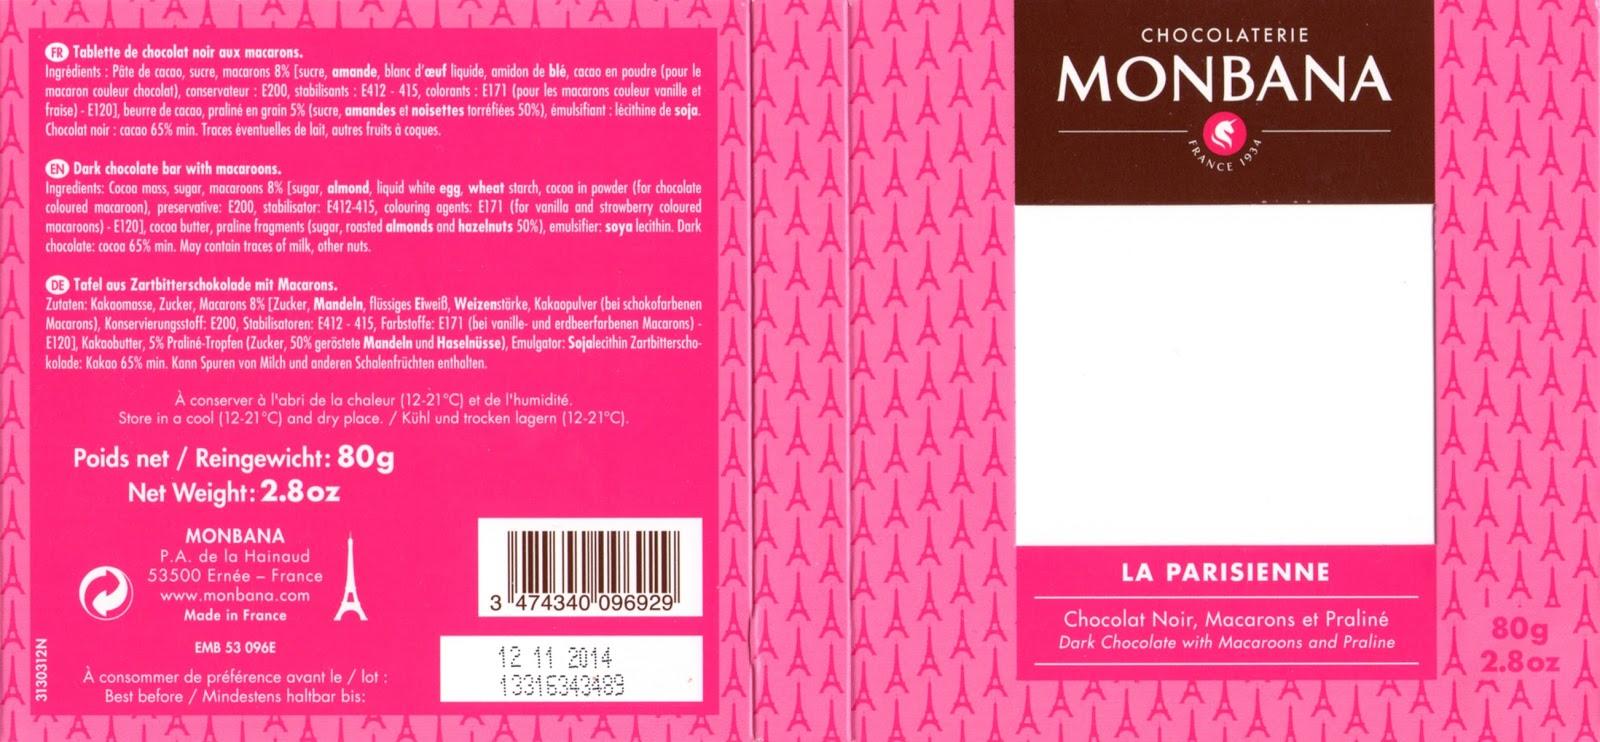 tablette de chocolat noir gourmand monbana noir la parisienne